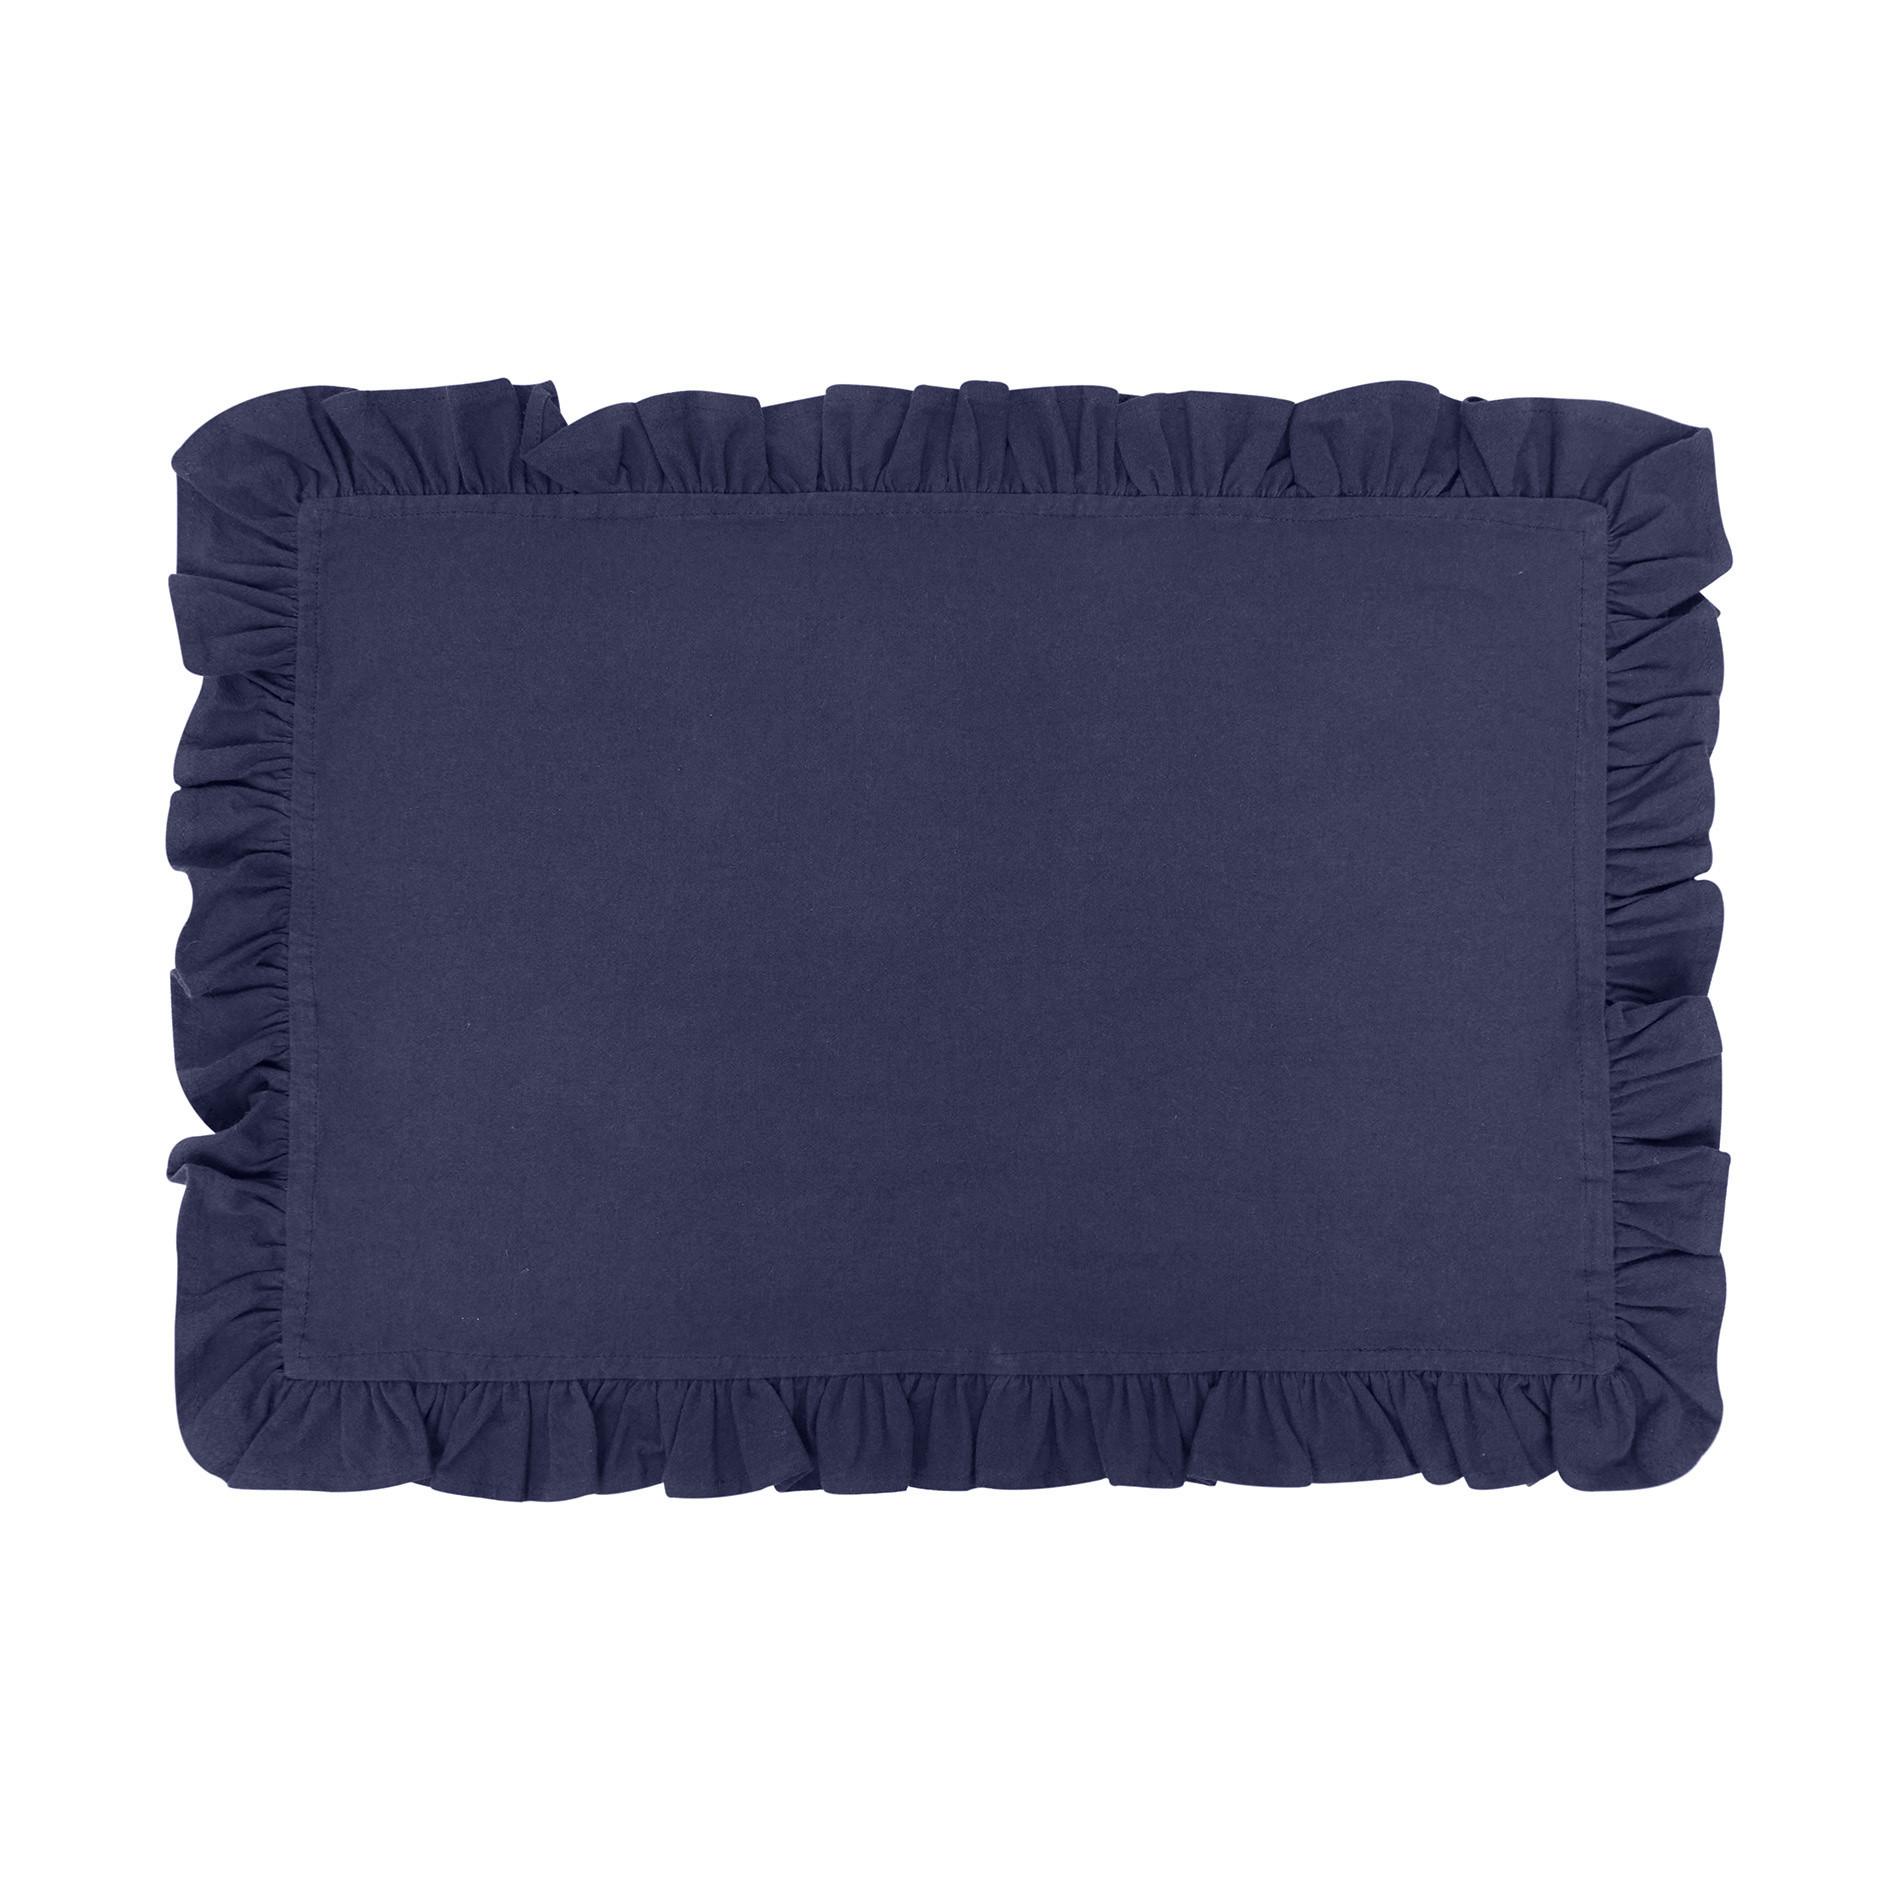 Tovaglietta puro cotone garment washed bordo volant, Blu scuro, large image number 0